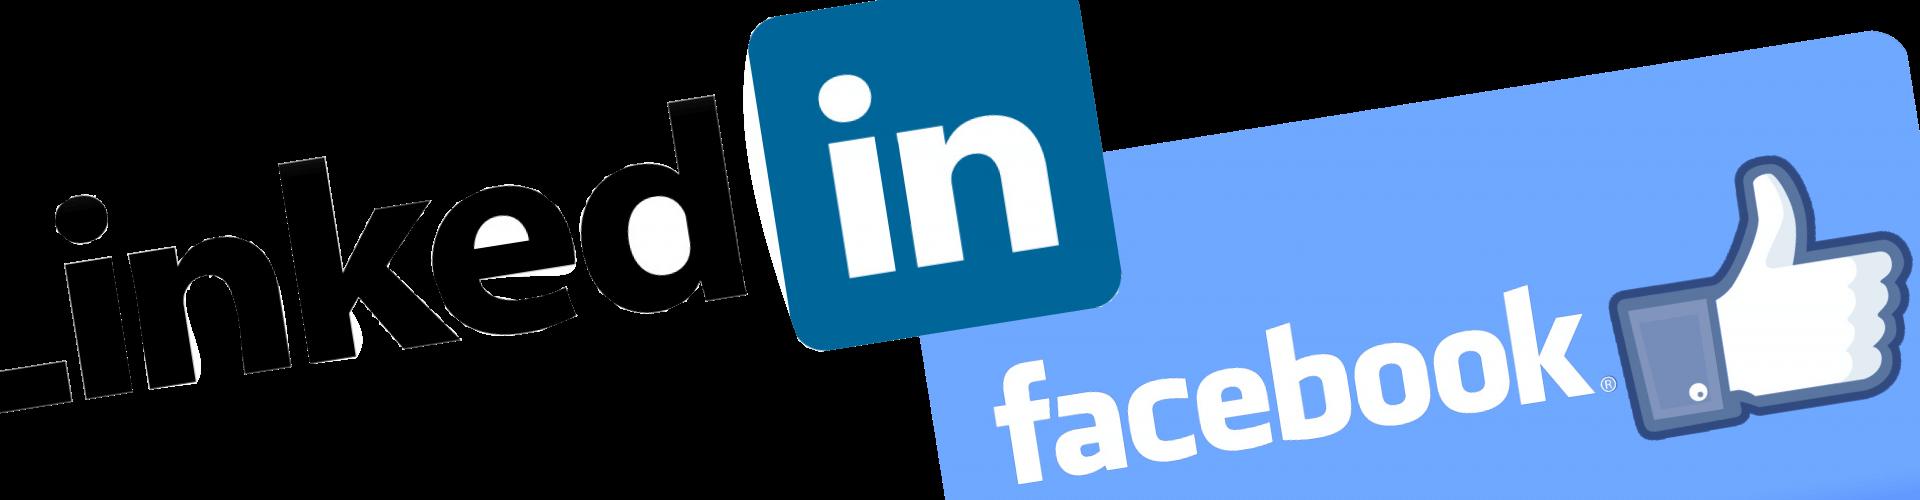 190325 Facebook of LinkedIn